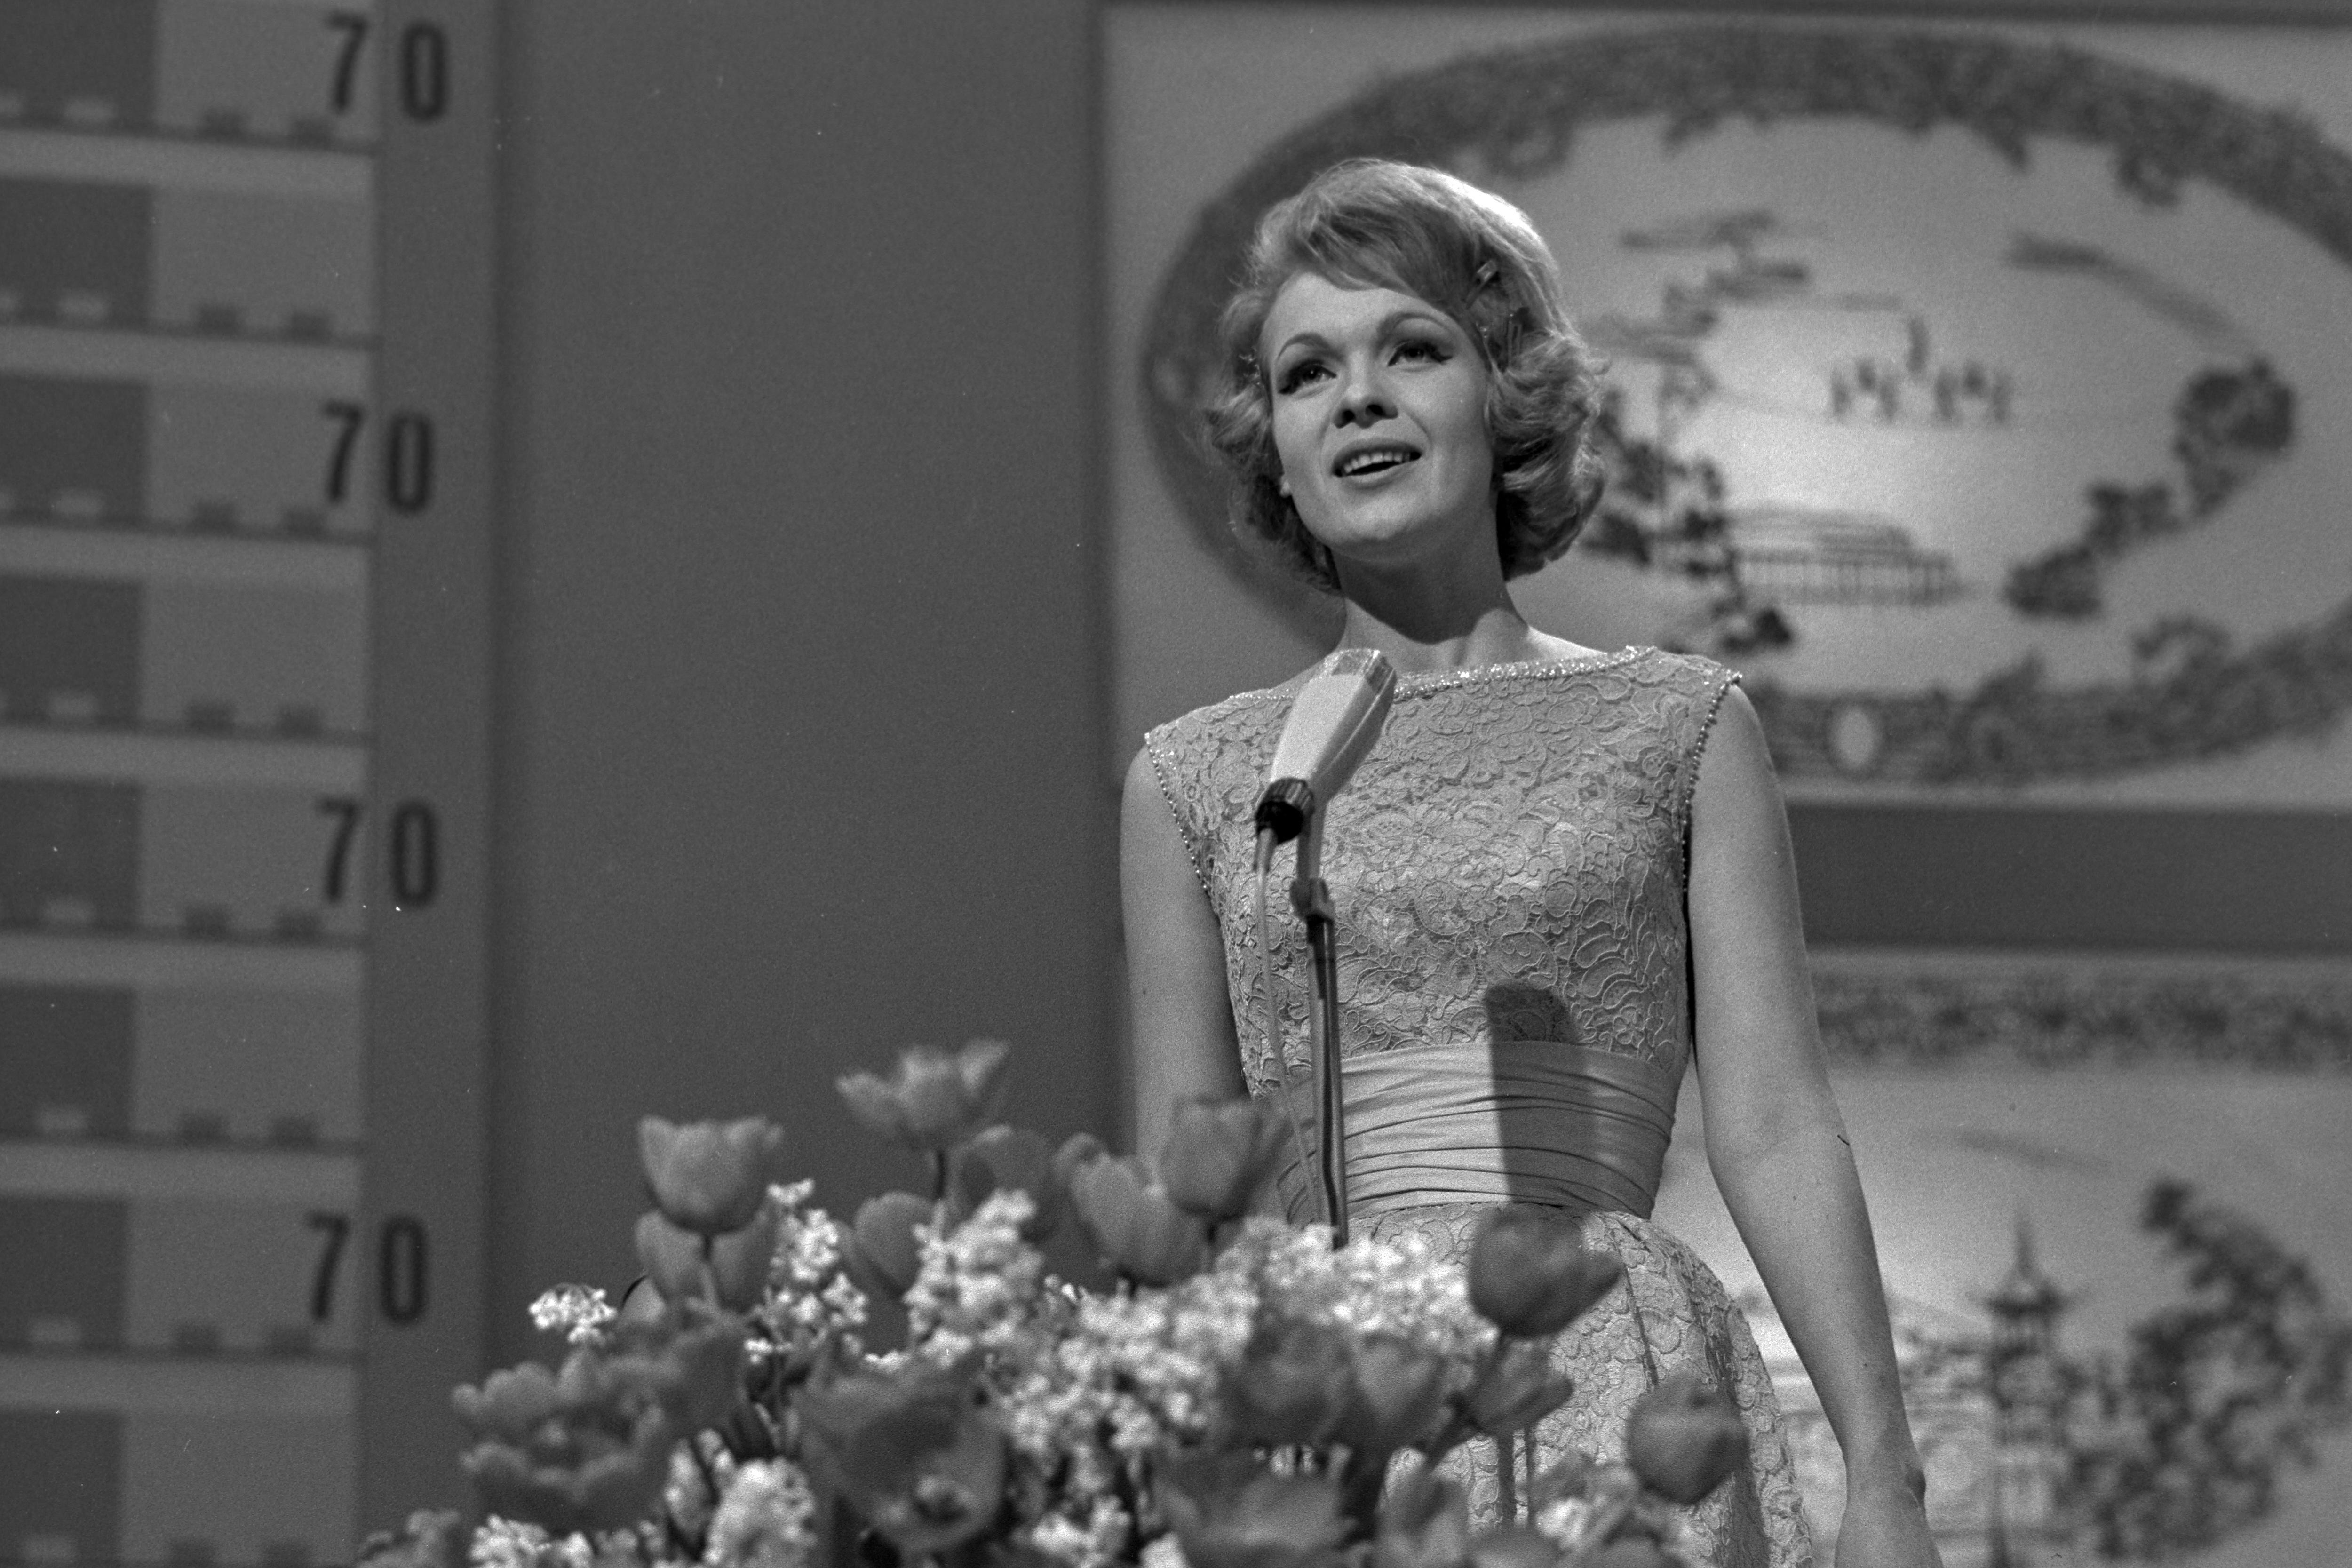 Lotte Wæver vært i Eurovision 1964